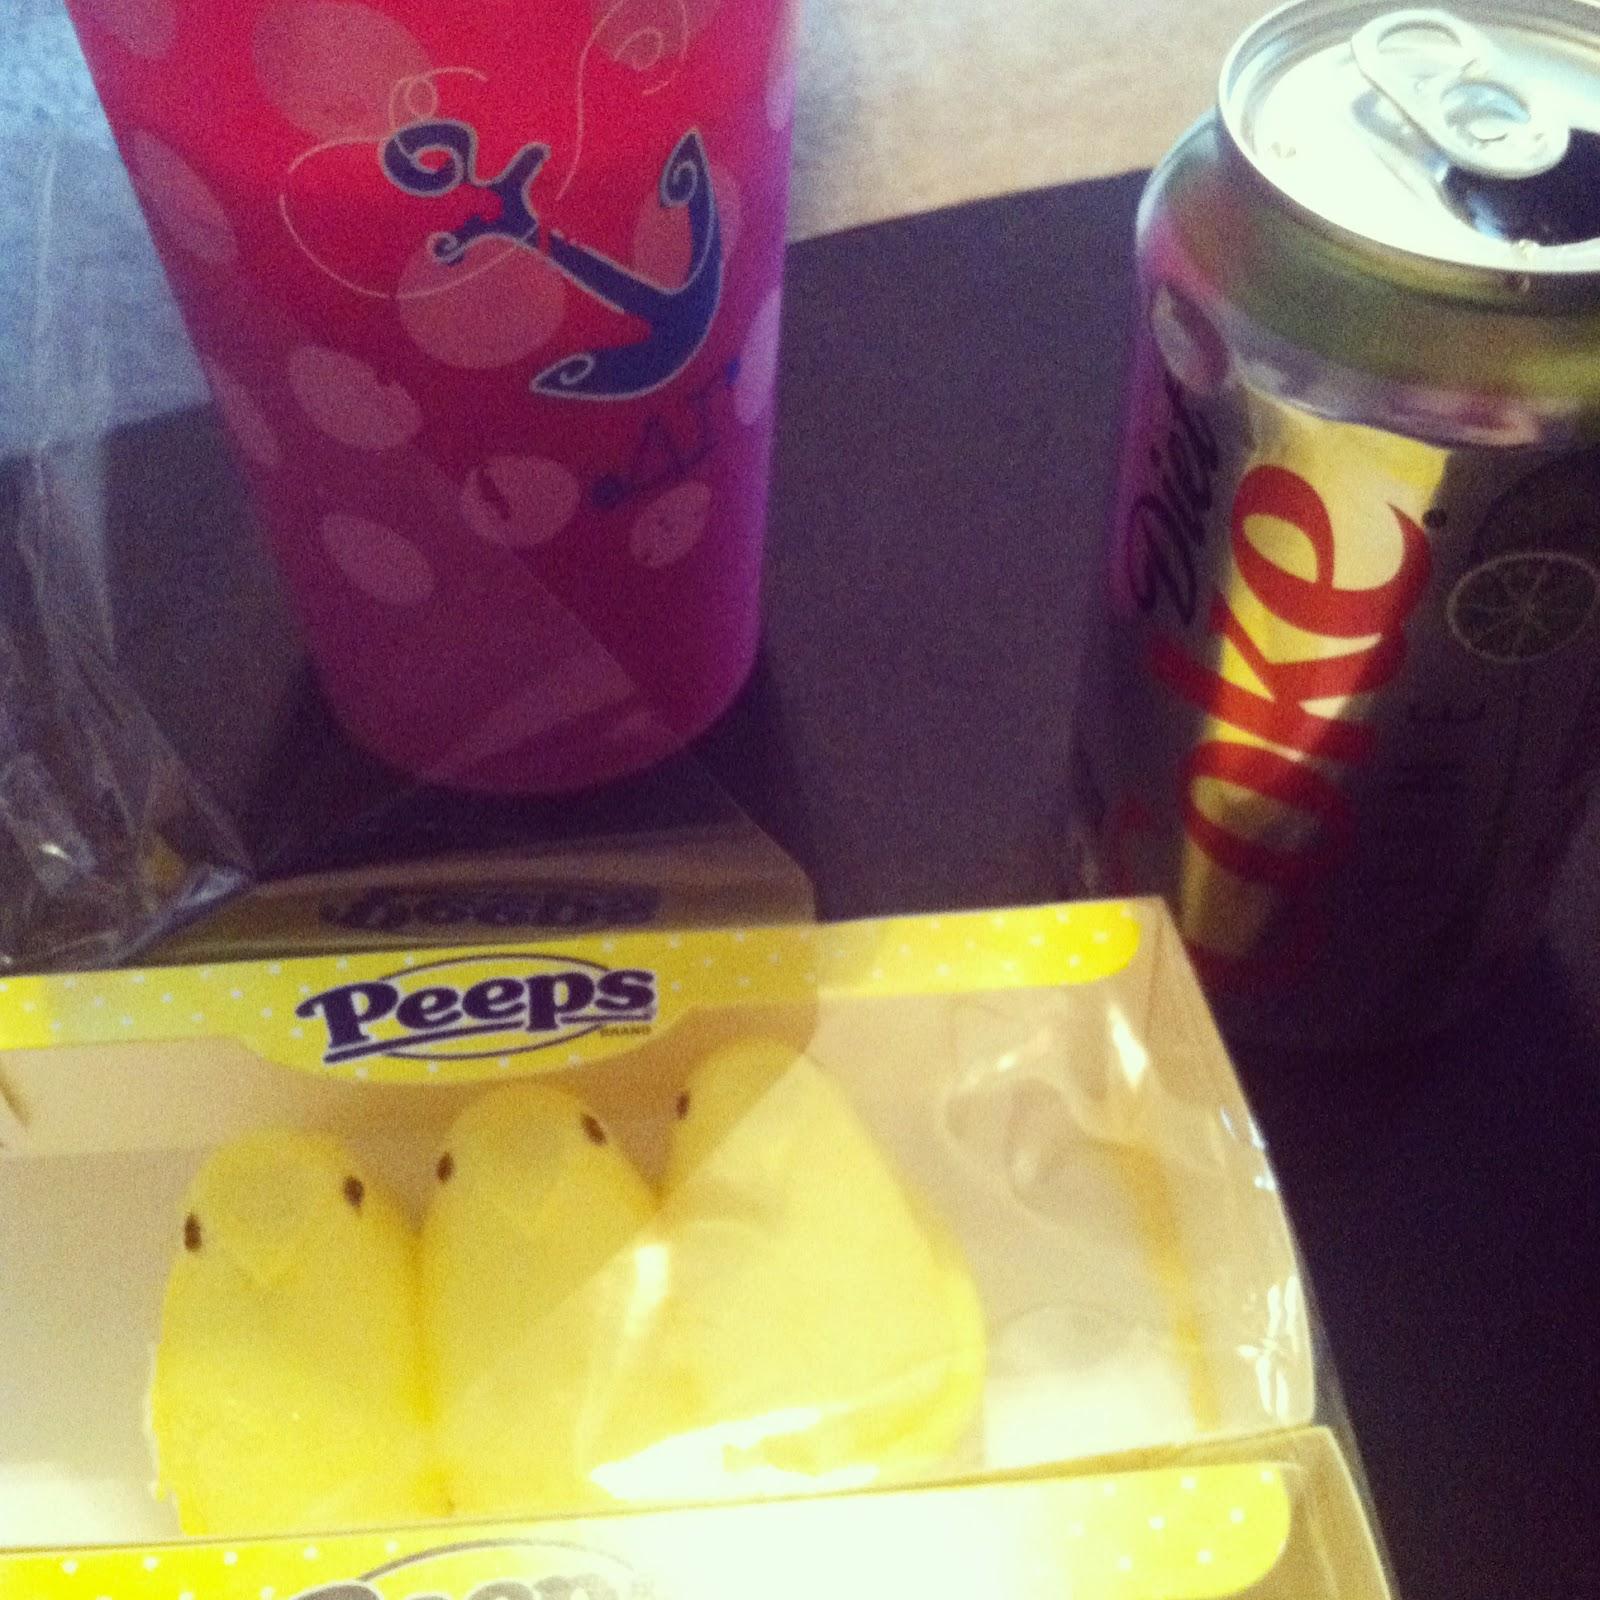 Peeps diet coke Delta Gamma